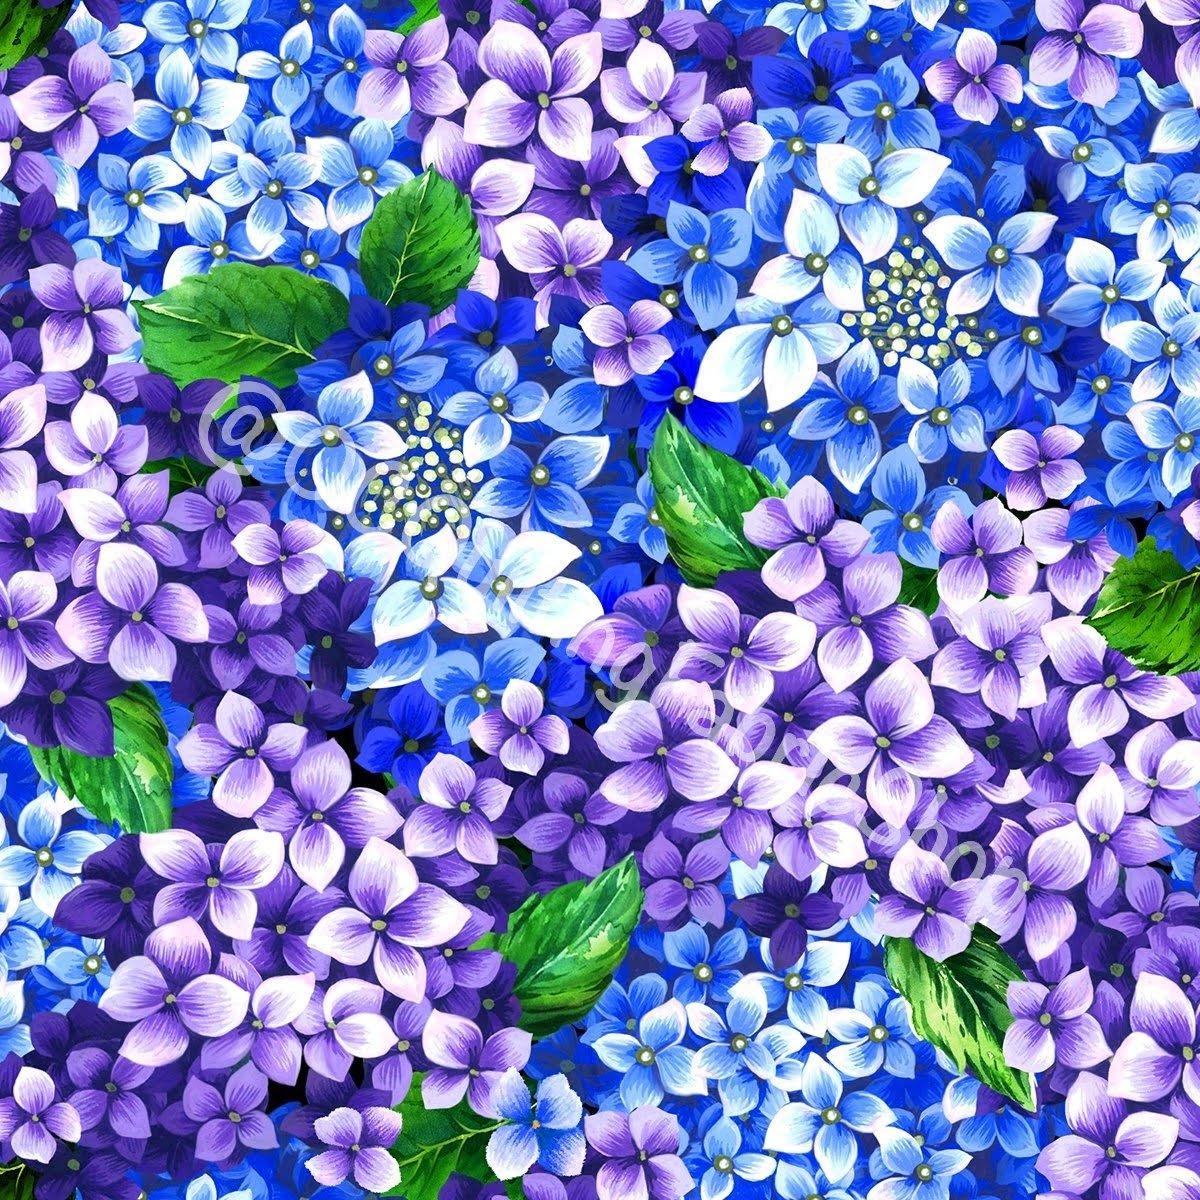 Oasis Fabrics Digital Flower Clusters Purple/Blue